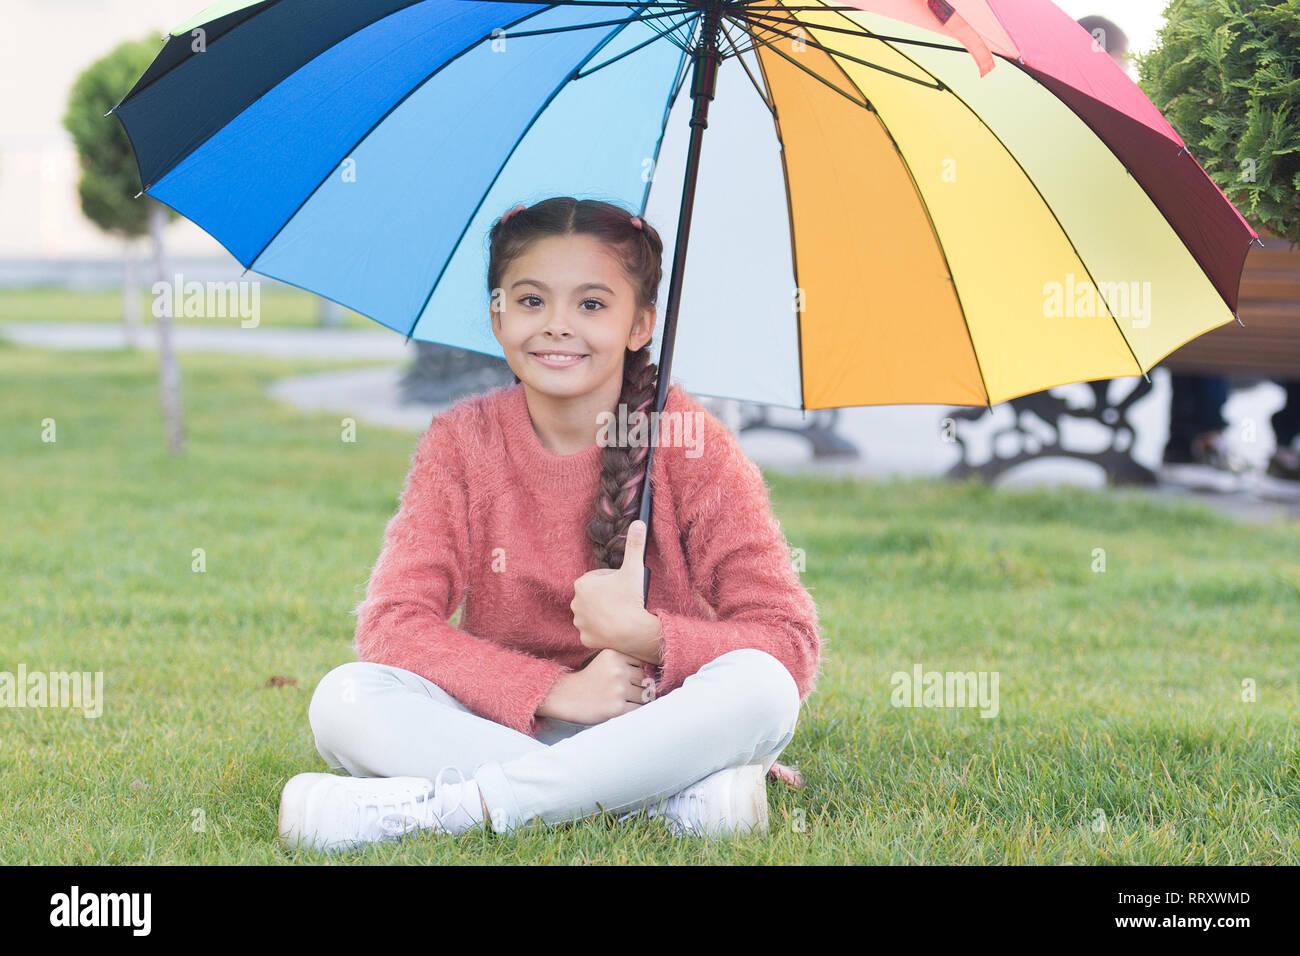 Tout mieux avec mon parapluie. Accessoires colorés pour l'humeur joyeuse. Petite fille cheveux longs avec parapluie. Accessoire coloré influence positive. Parapluie lumineux. Rester positif et optimiste. Photo Stock